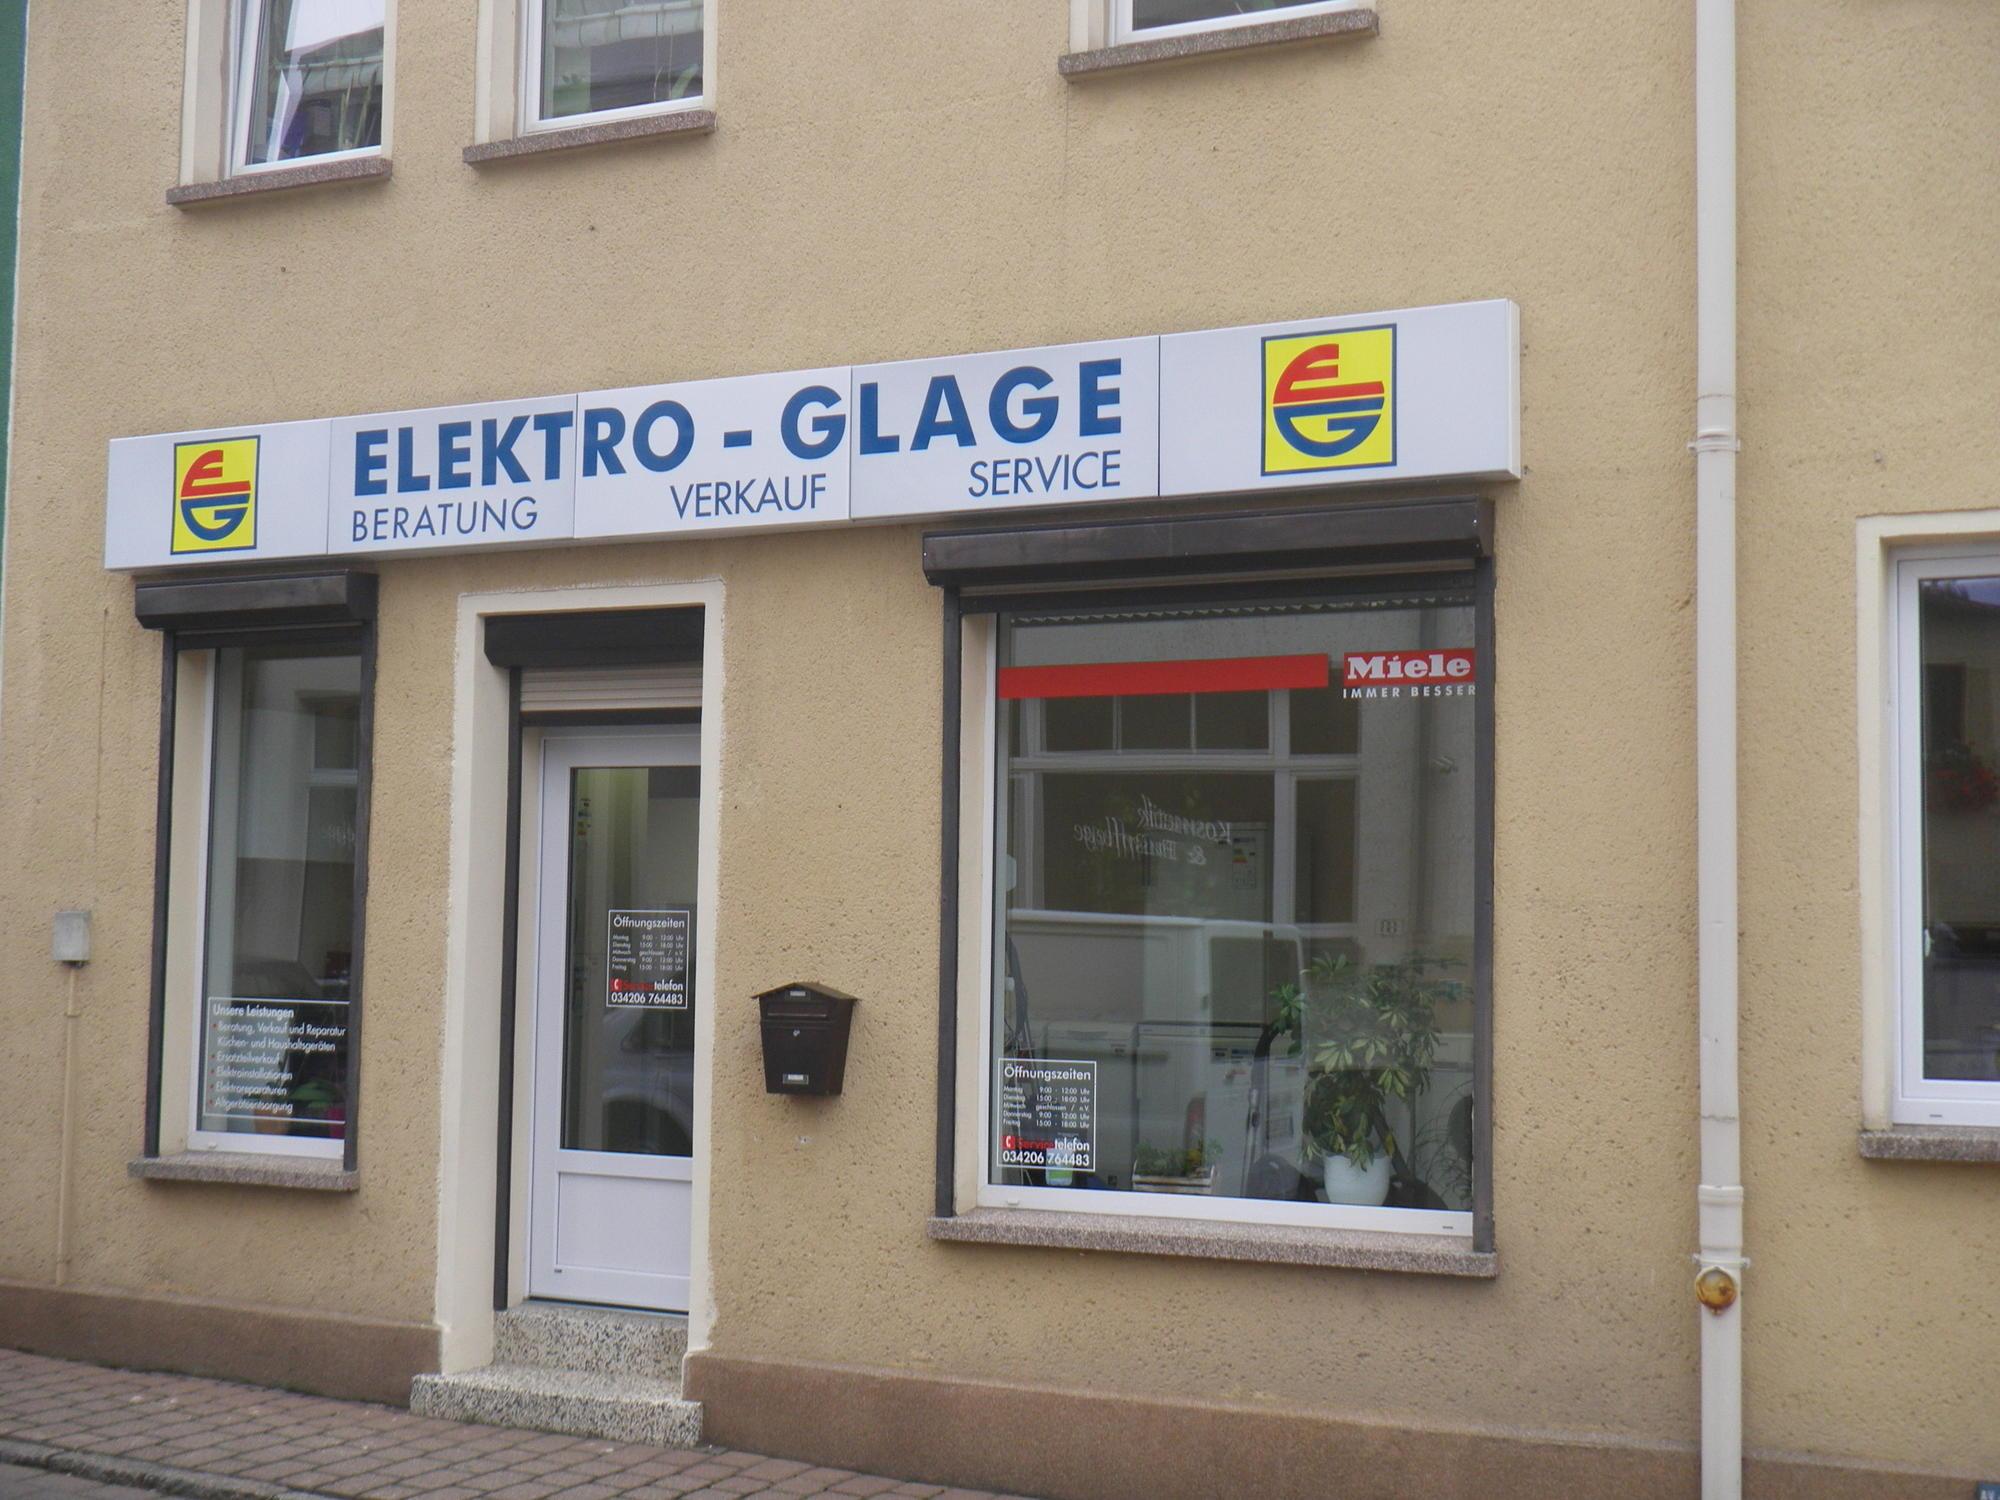 Amica Kühlschrank Seriennummer : Hausgeräte kundendienst leipzig rötha elektro glage